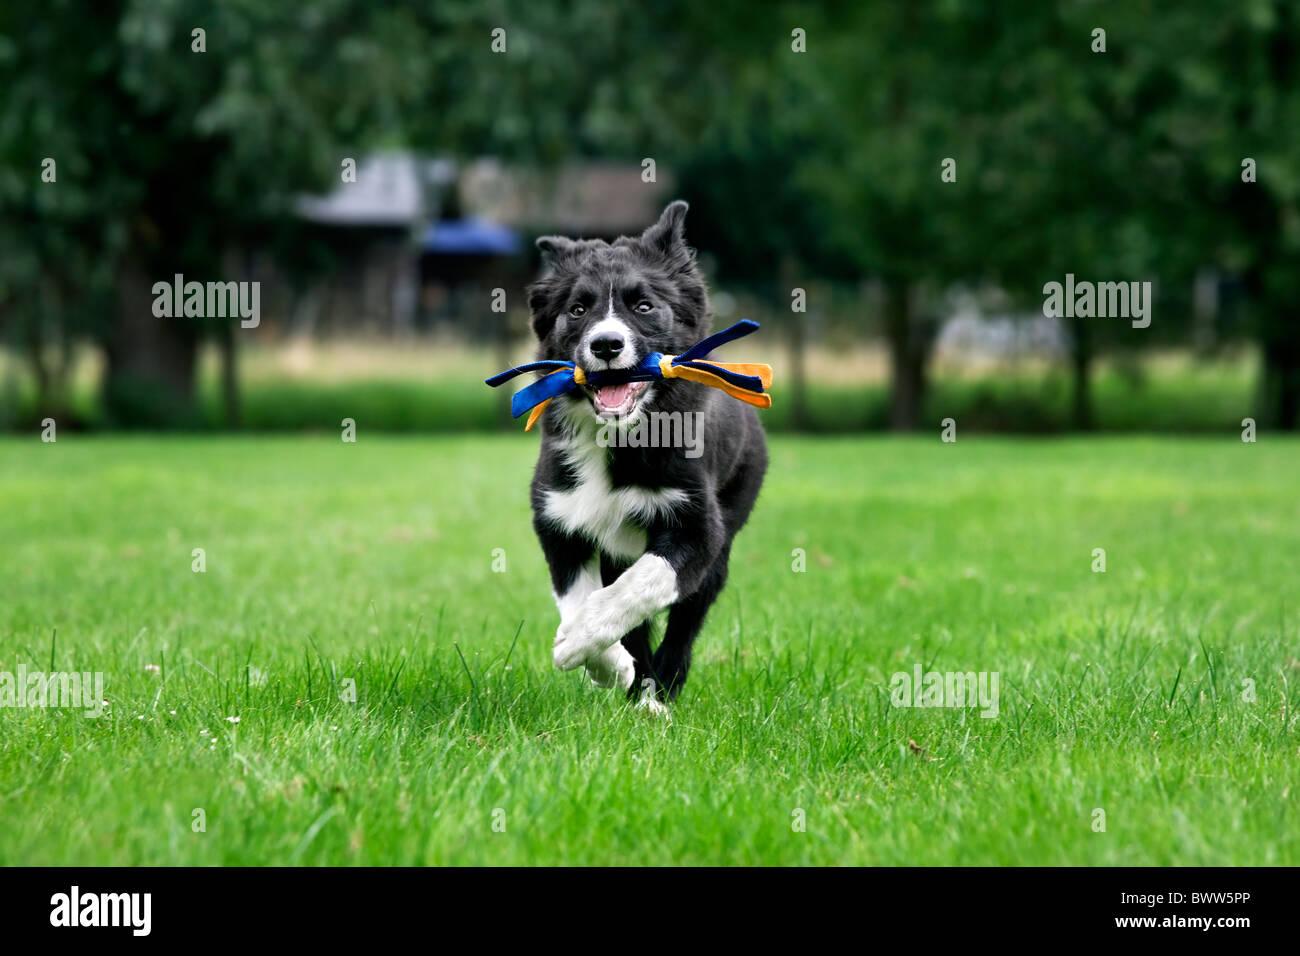 Border Collie (Canis lupus familiaris) extraction de jouet dans jardin Photo Stock